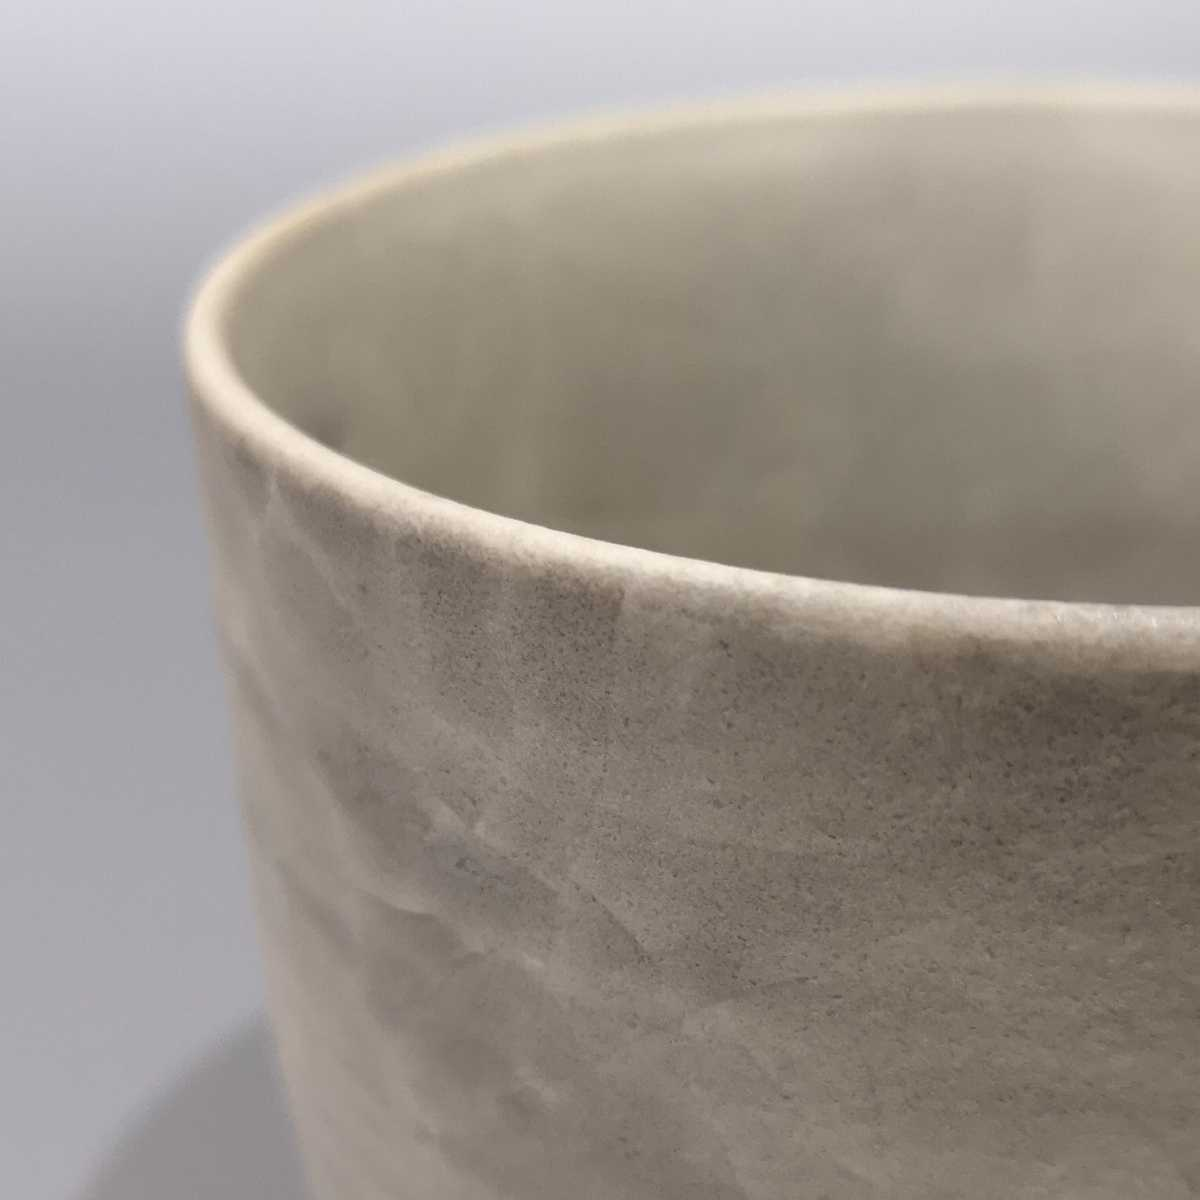 叶46)萩焼 コーヒーカップ マグカップ 珈琲器 未使用新品 同梱歓迎_画像9